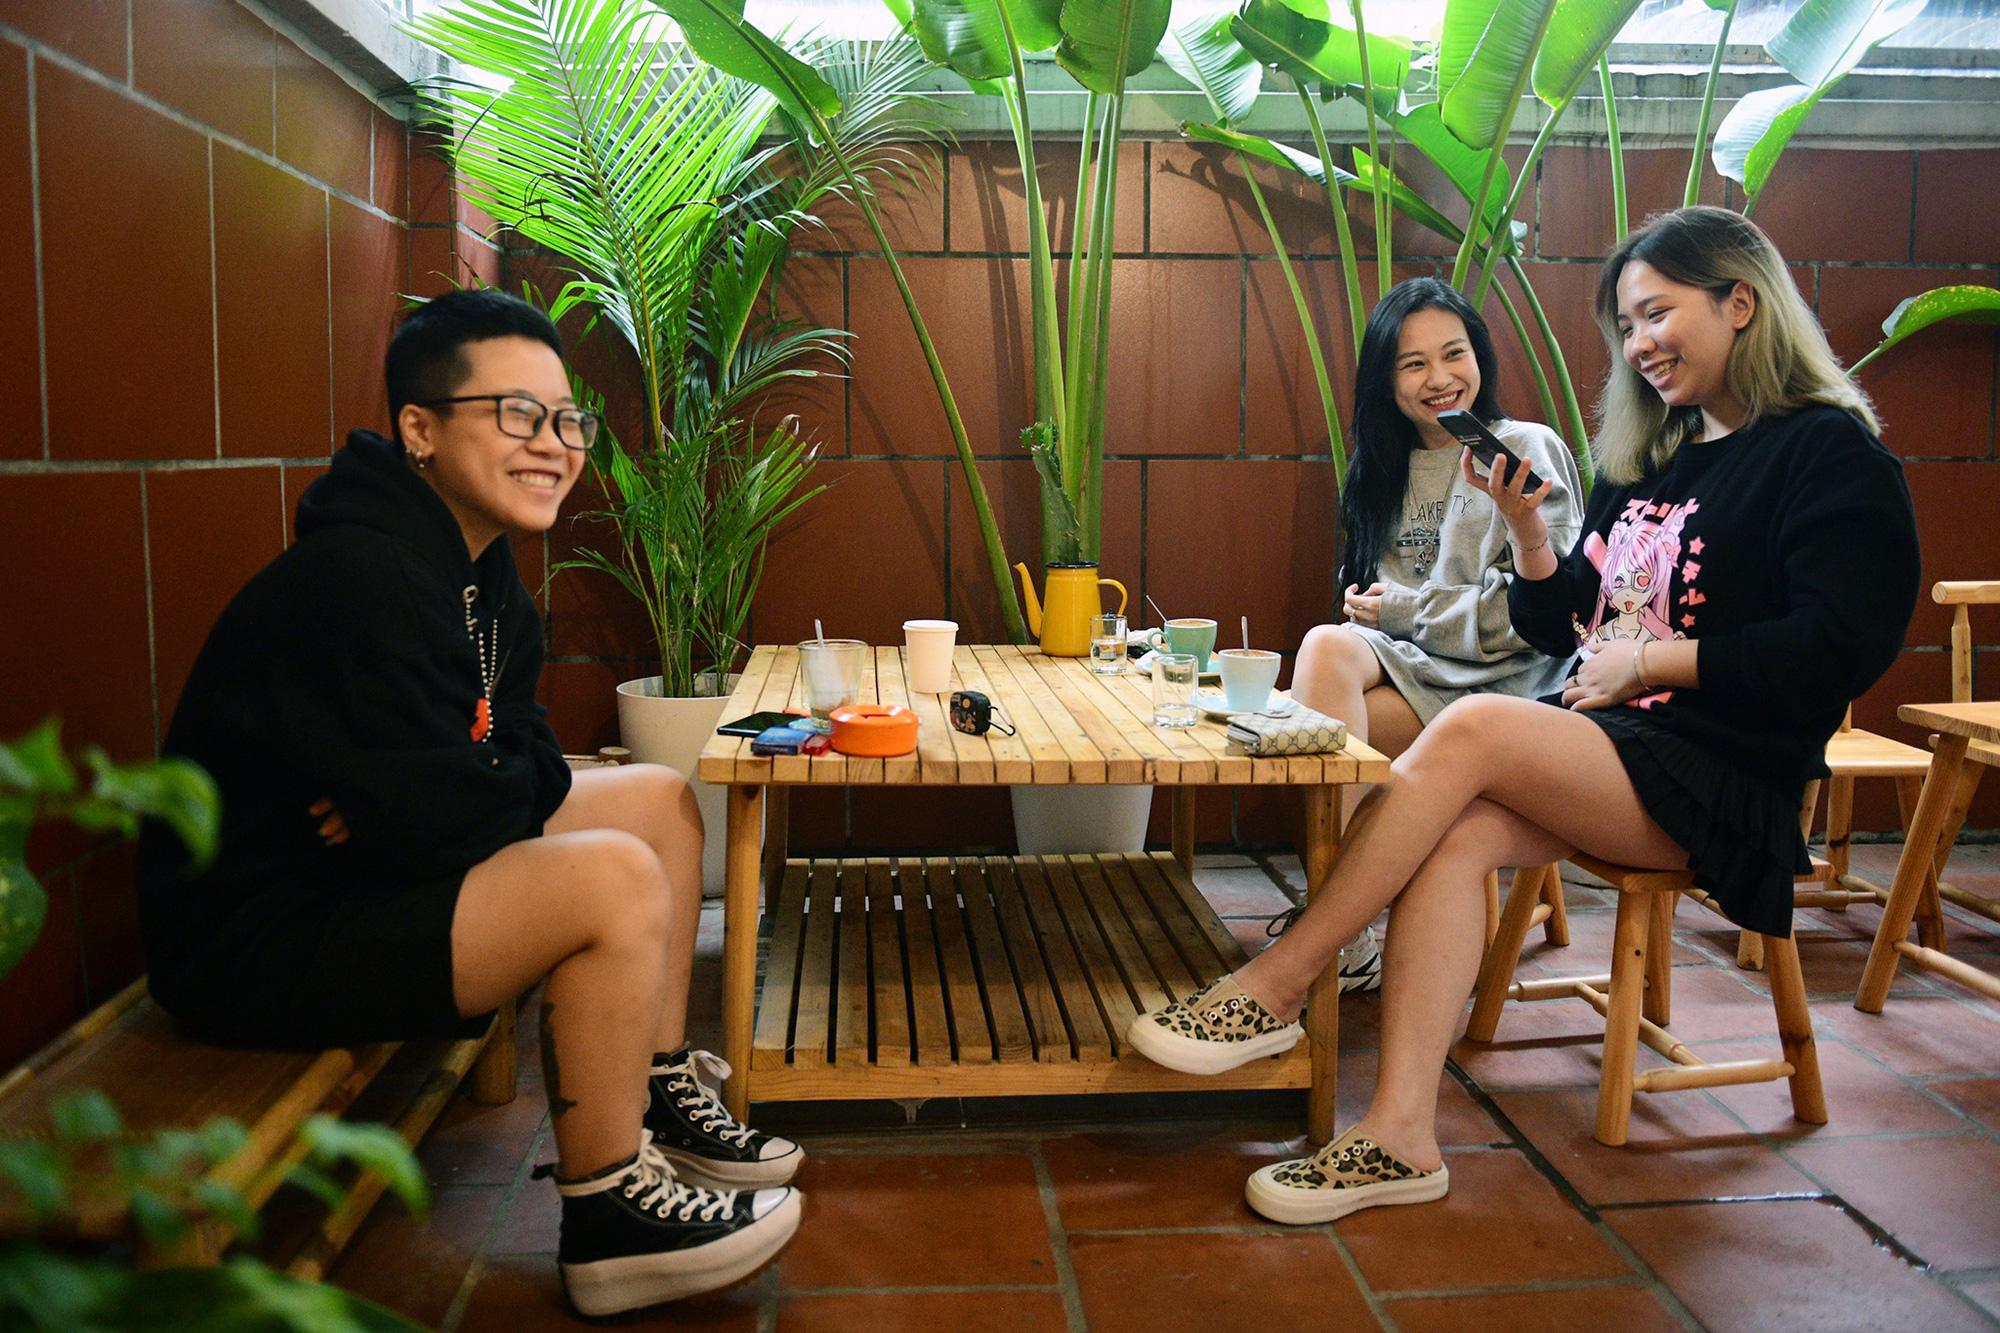 Quán cà phê ở Hà Nội đông nghịt khách ngày mở bán tại chỗ - Ảnh 14.